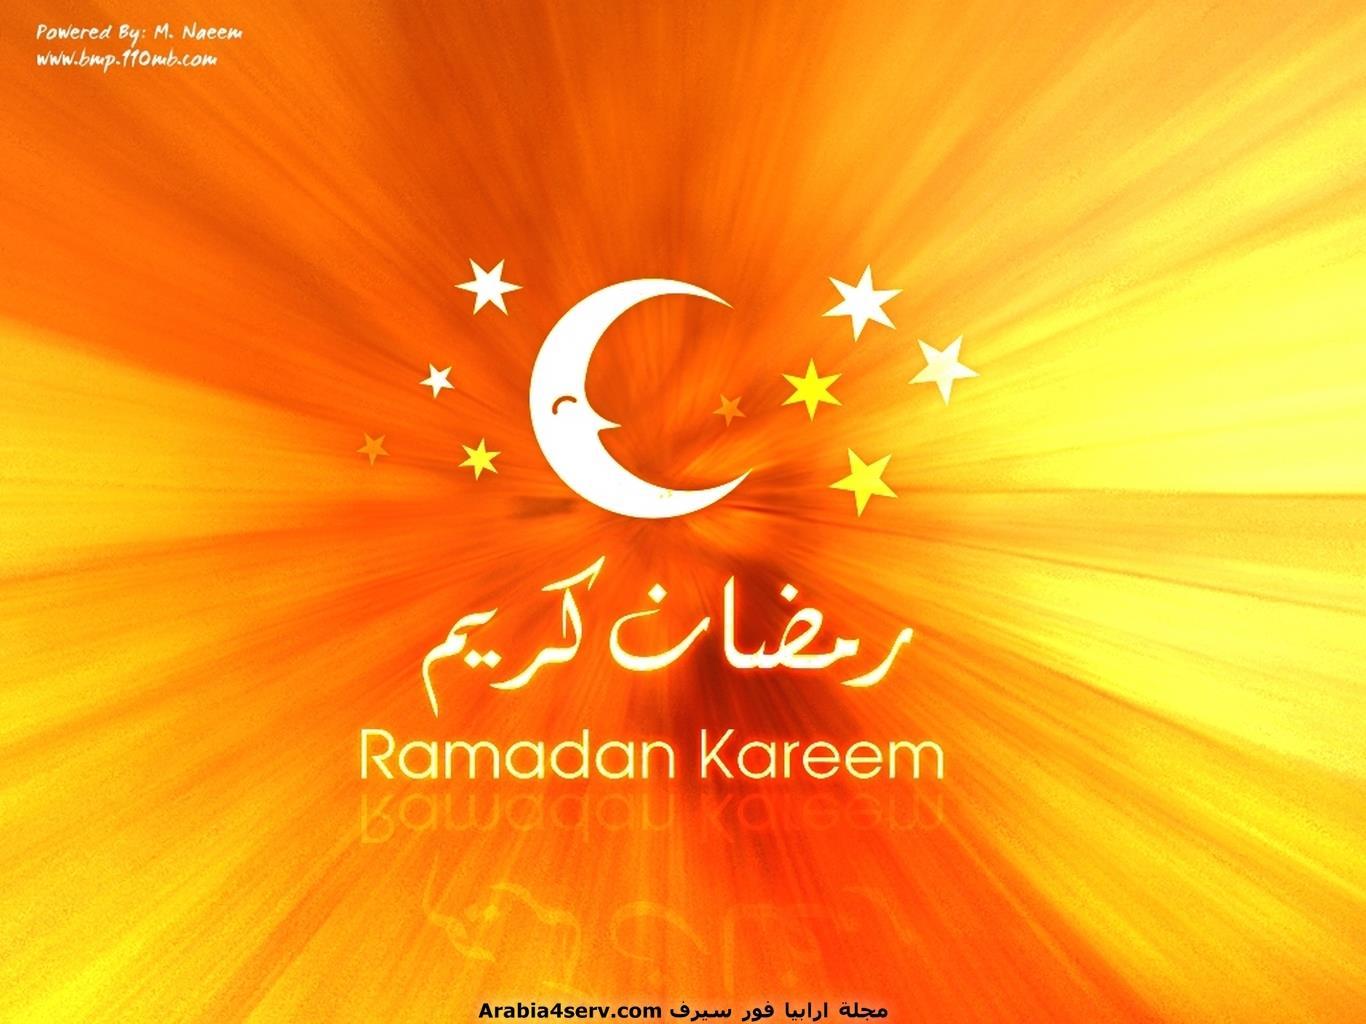 خلفيات-شهر-رمضان-الكريم-5